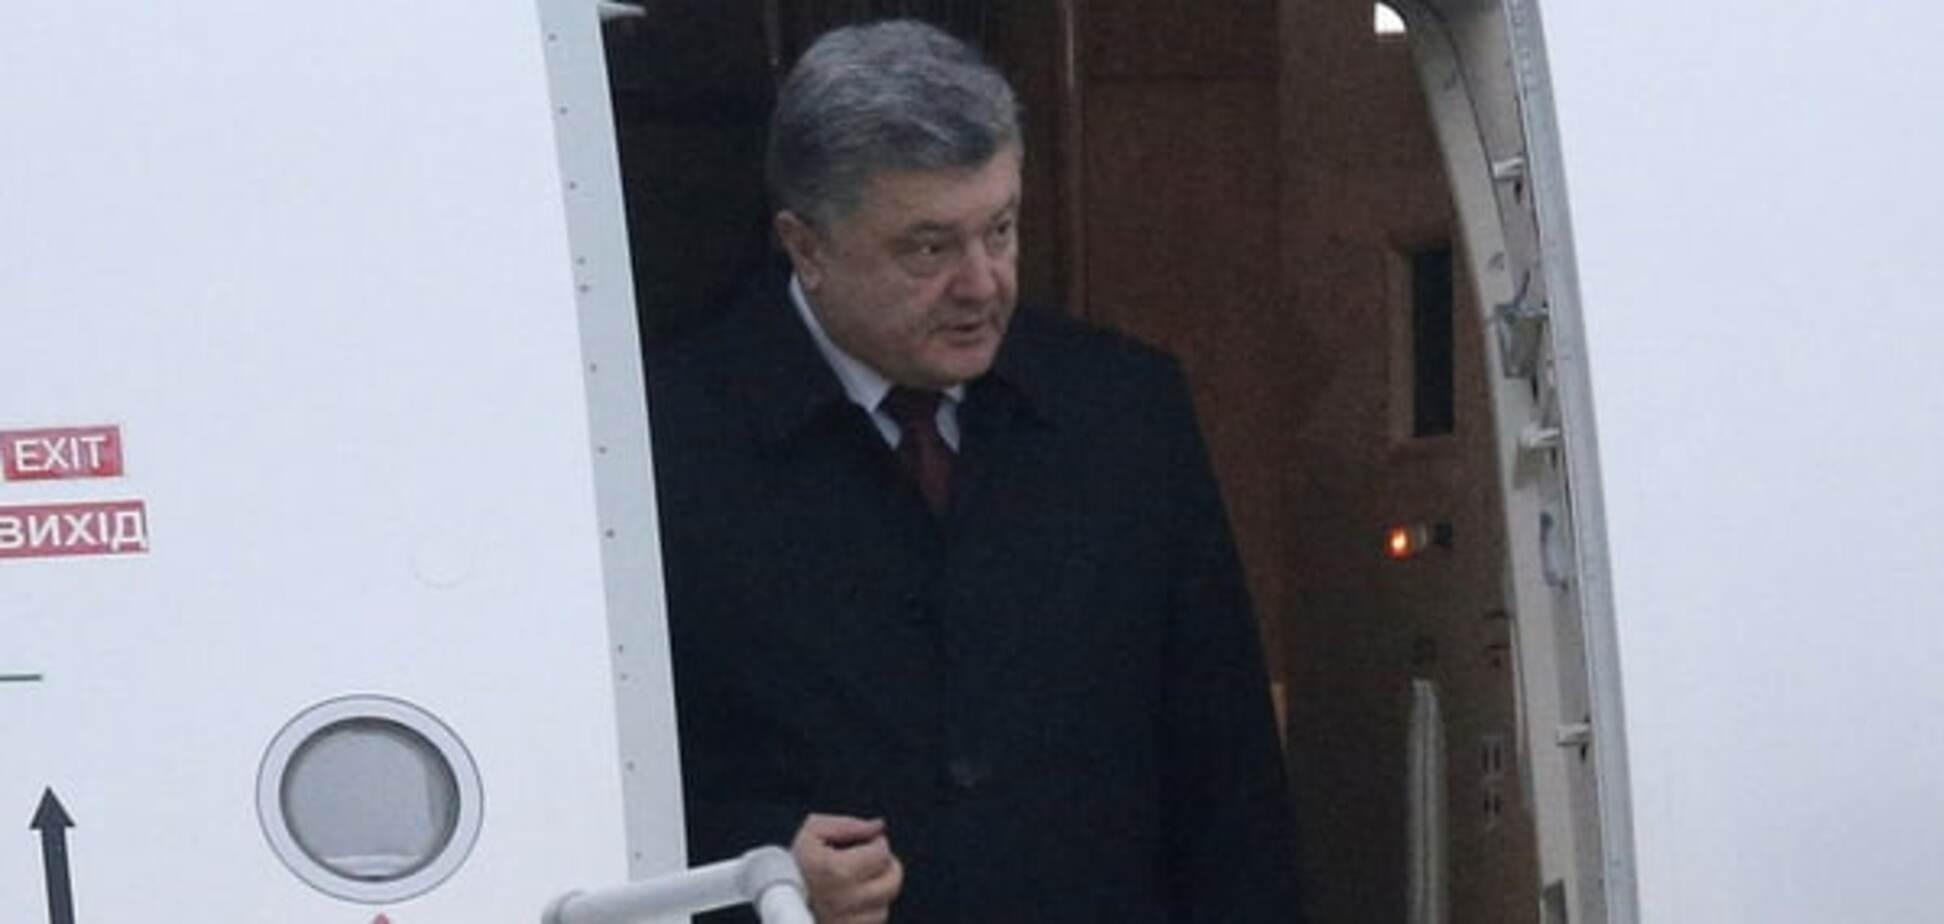 Російські ЗМІ поширили фейк про 'п'яного Порошенка, який ломився до Путіна'